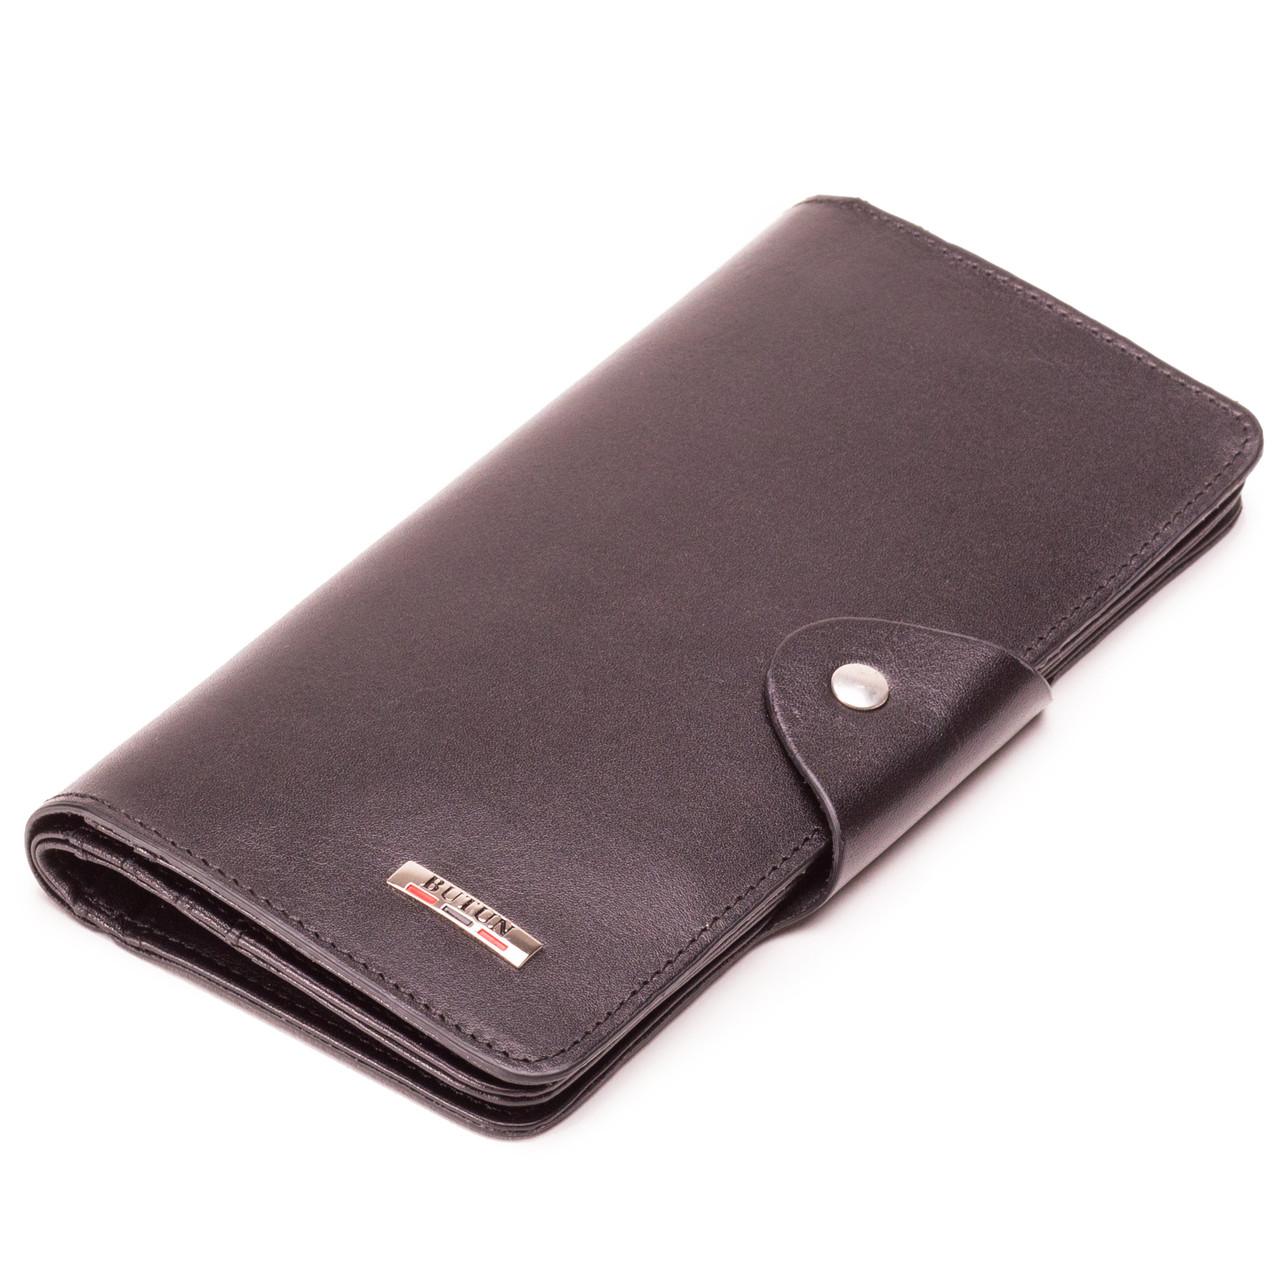 Мужской кошелек бумажник кожаный черный BUTUN 645-024-001